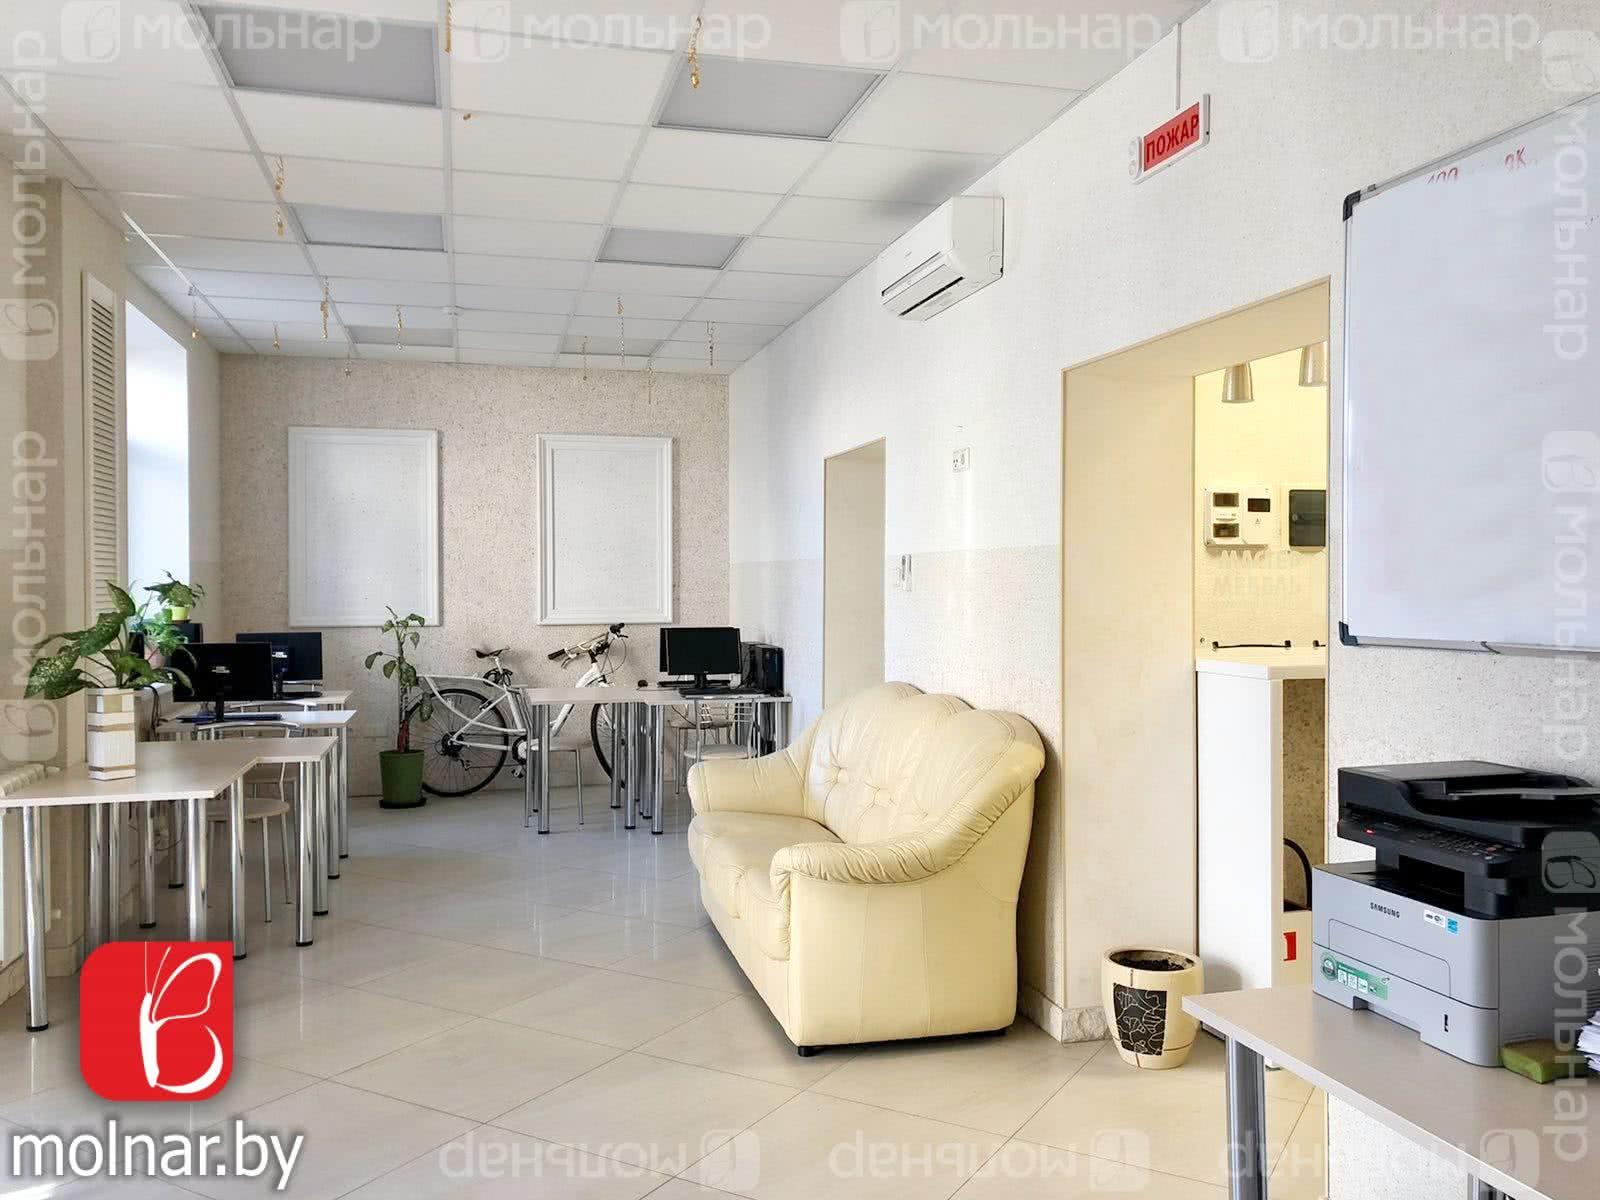 Аренда офиса на ул. Сурганова, д. 25 в Минске - фото 6